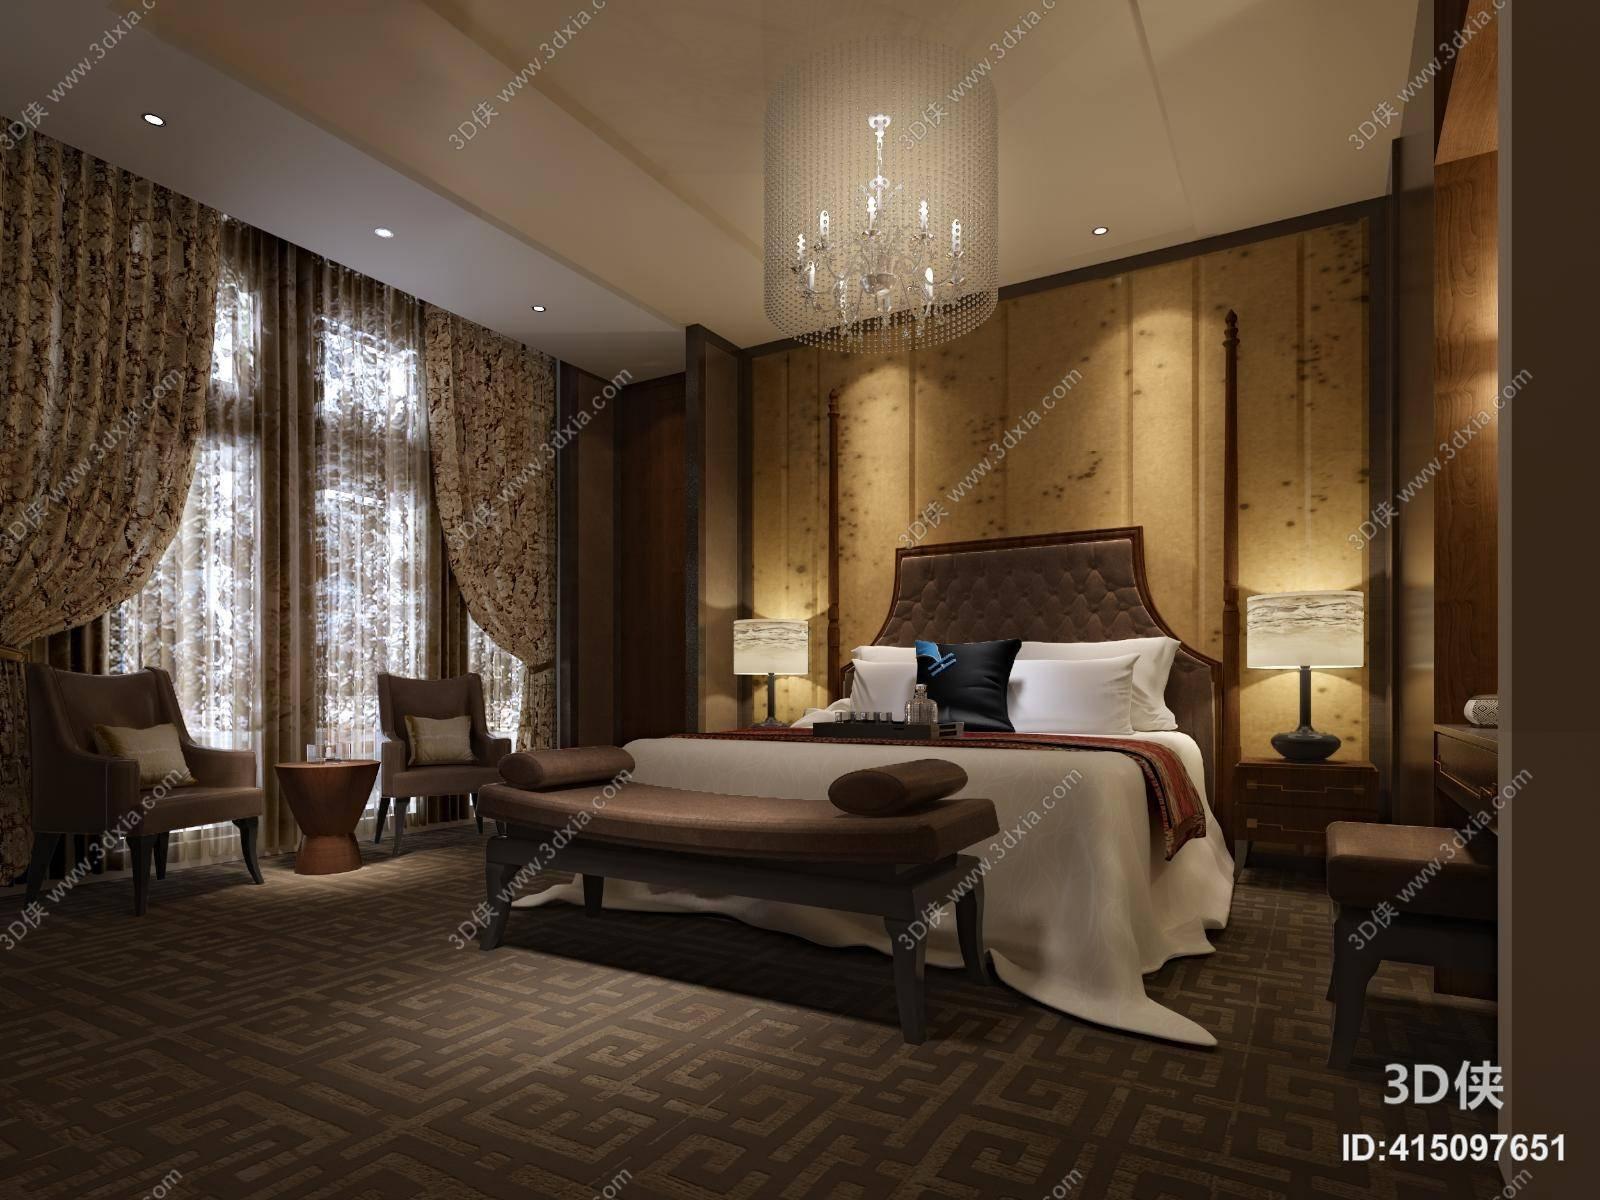 欧式简约酒店客房 欧式简约铁艺吊灯 欧式简约棕色布艺床尾凳